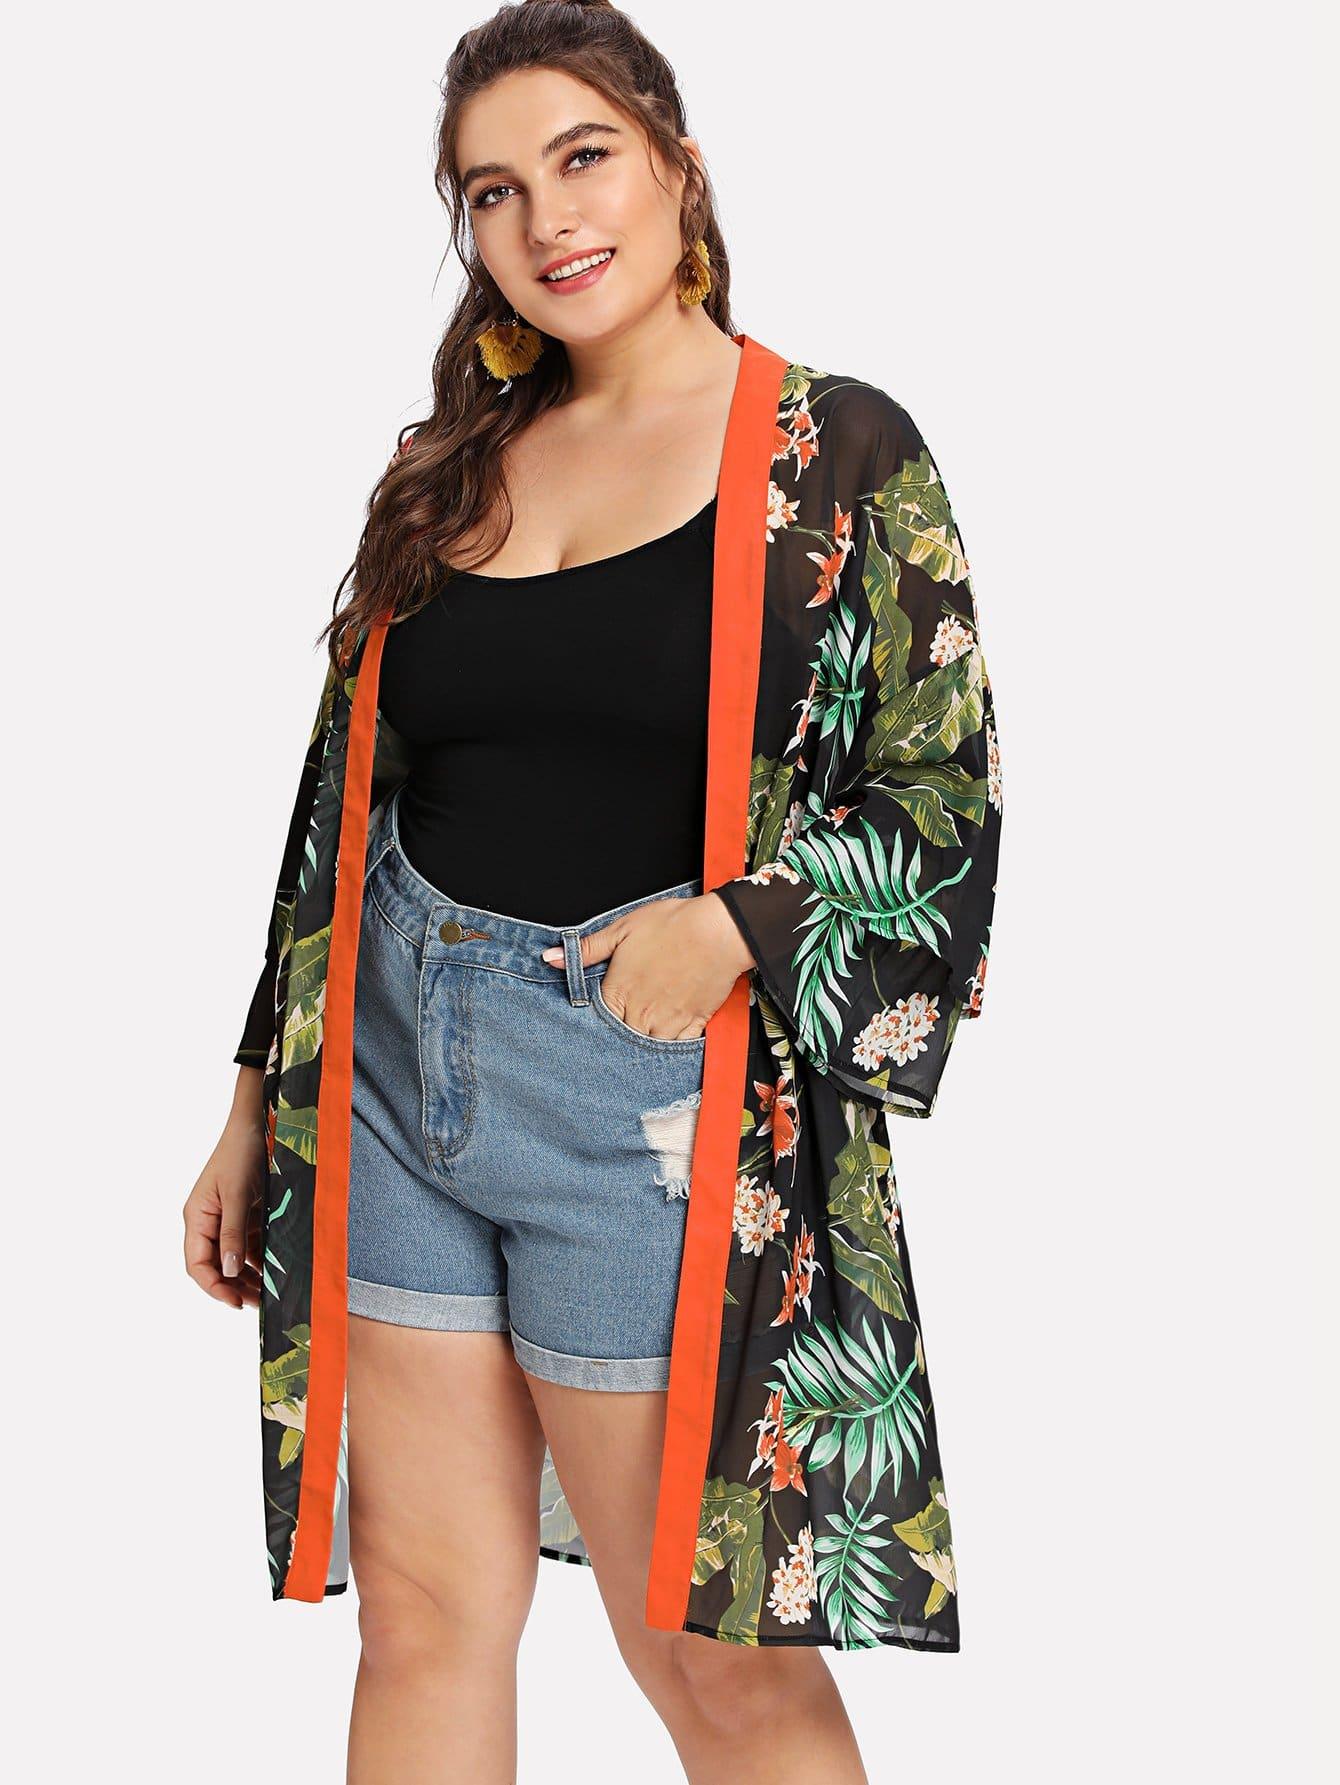 Купить Кимоно с принтом тропики с широкими рукавами, Franziska, SheIn